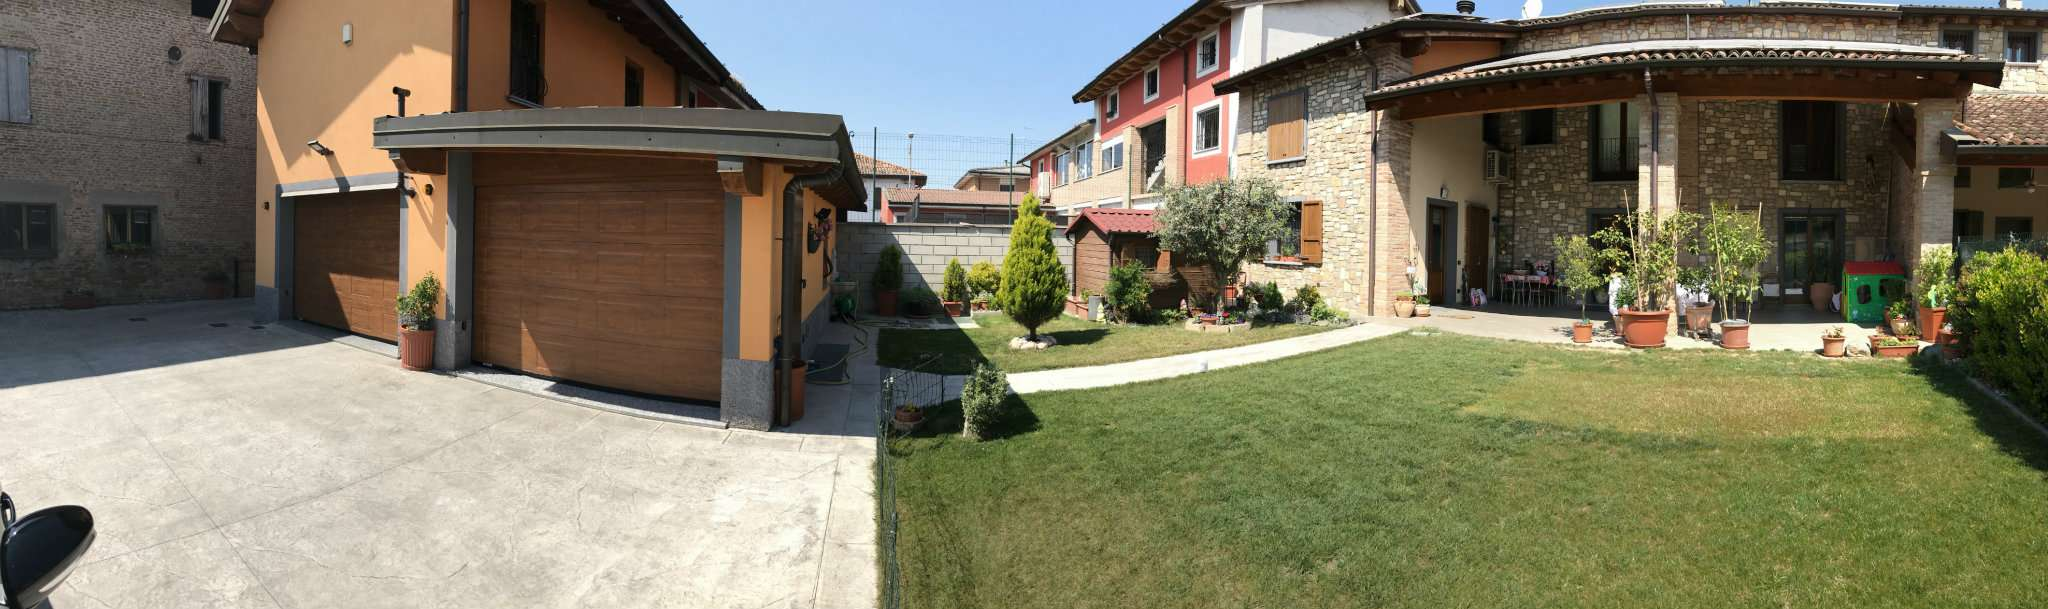 Soluzione Indipendente in vendita a Camisano, 8 locali, Trattative riservate | Cambio Casa.it